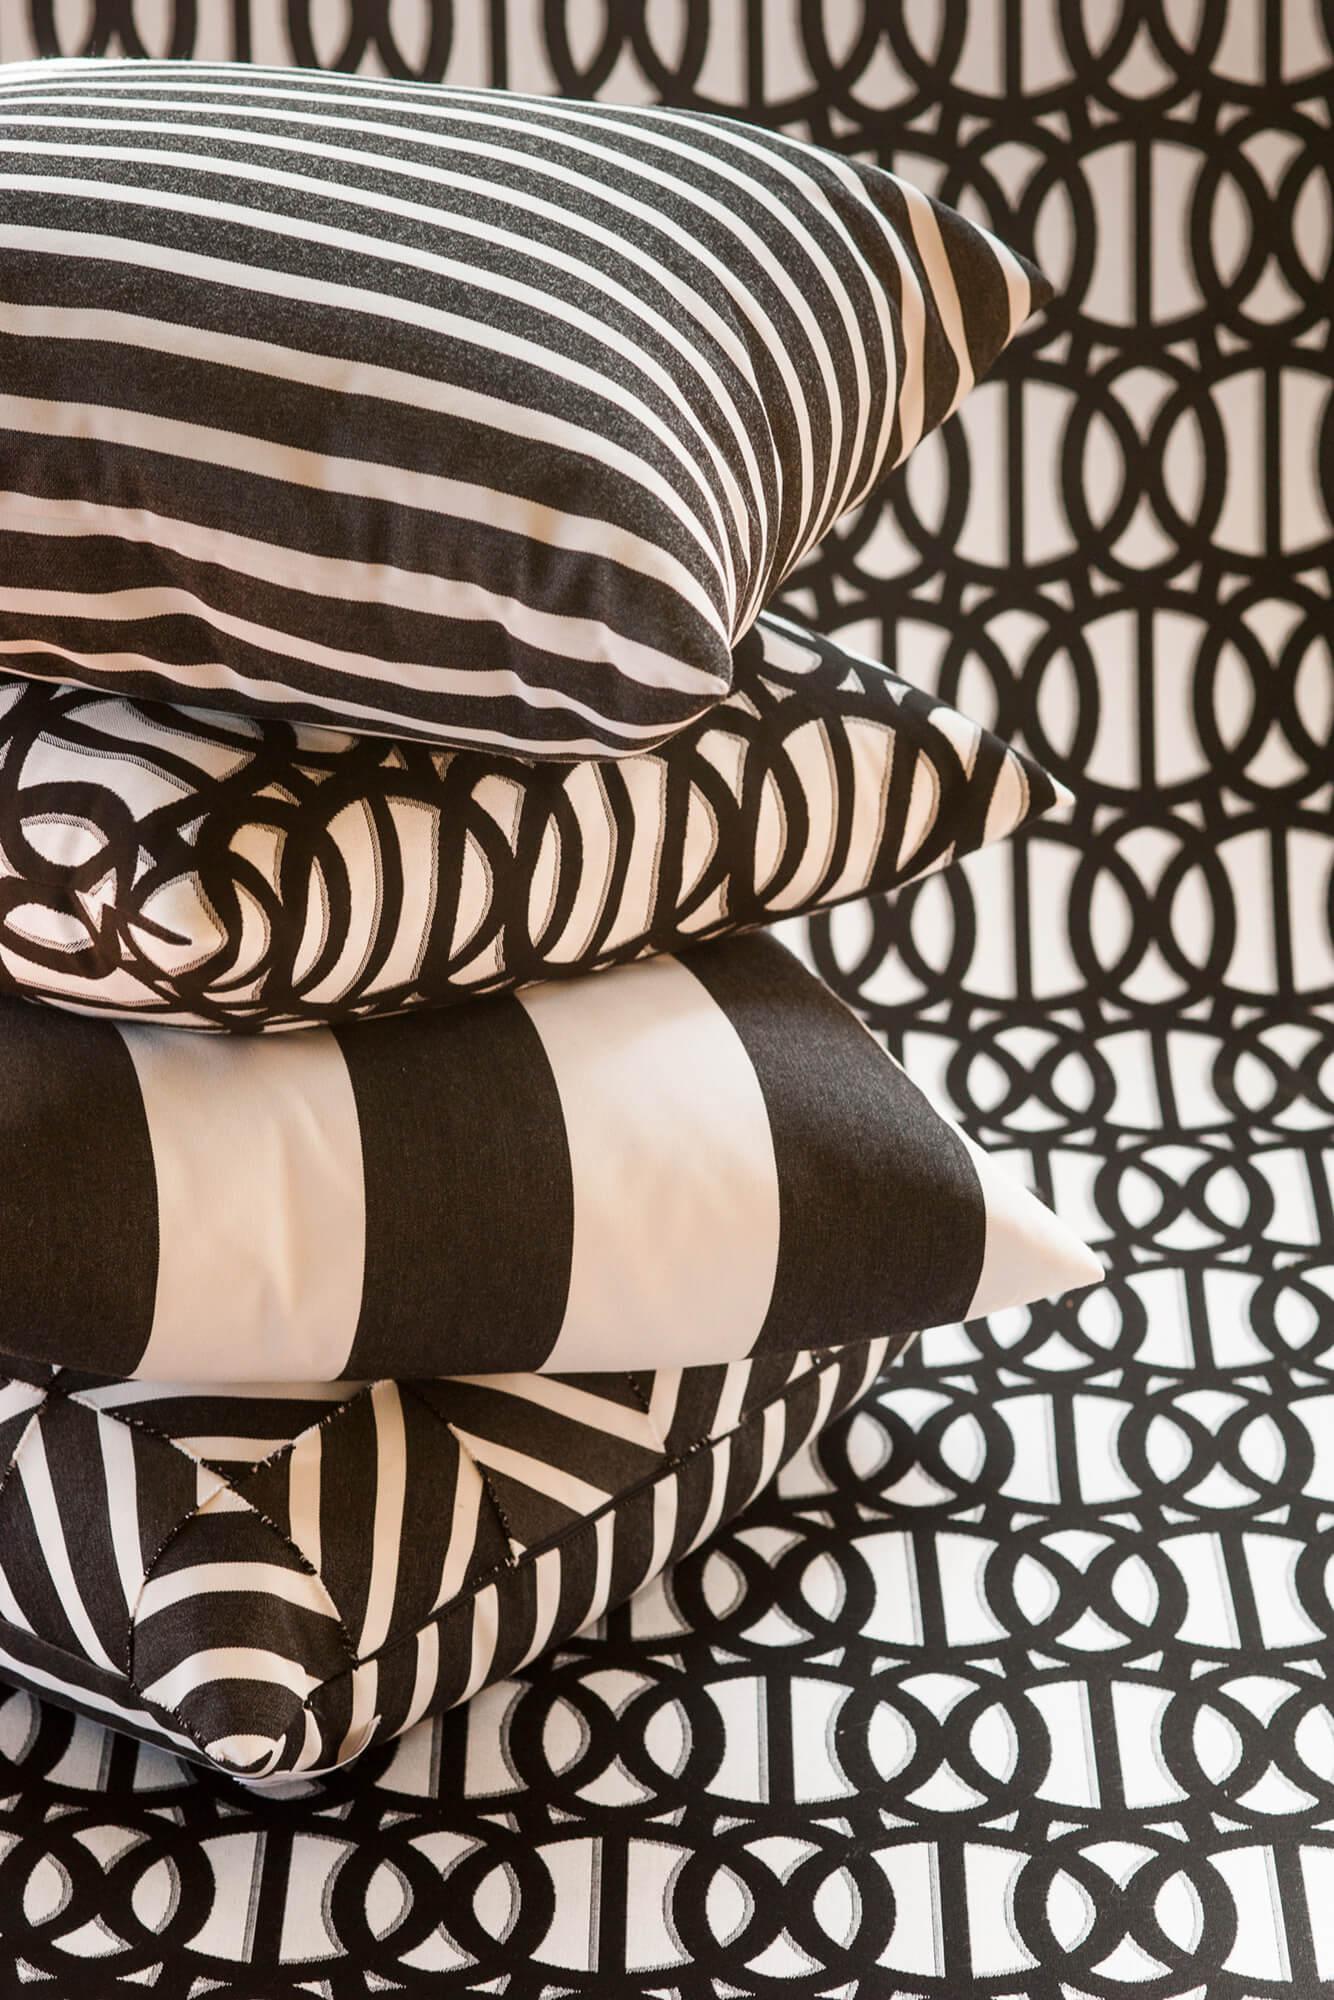 Cuscini bianchi e neri accatastati su uno sfondo jacquard bianco e nero